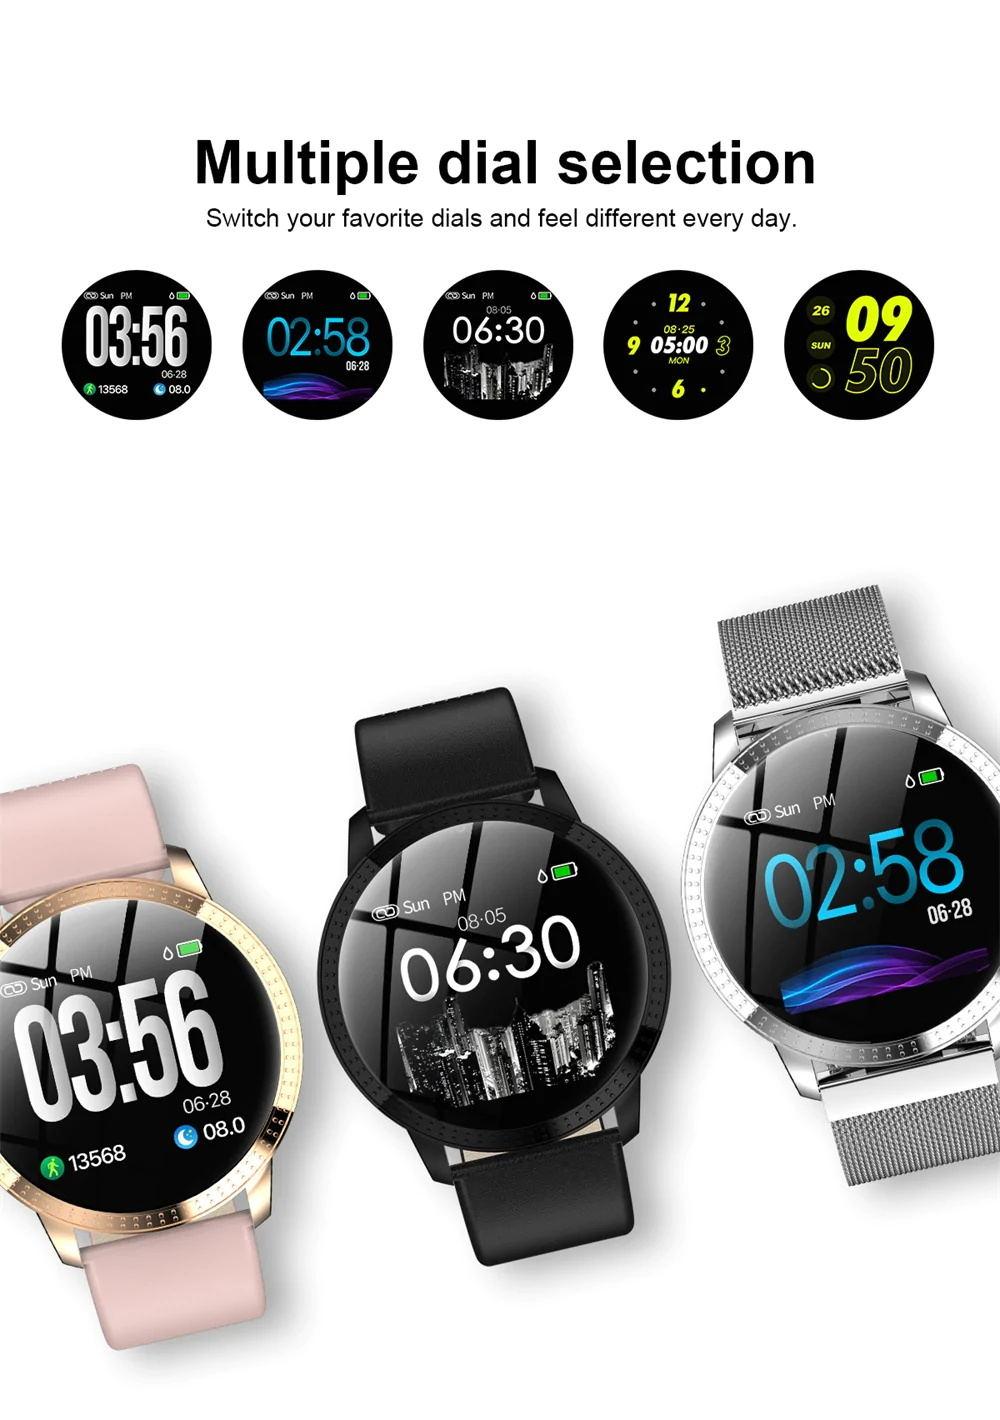 best cf18 smartwatch